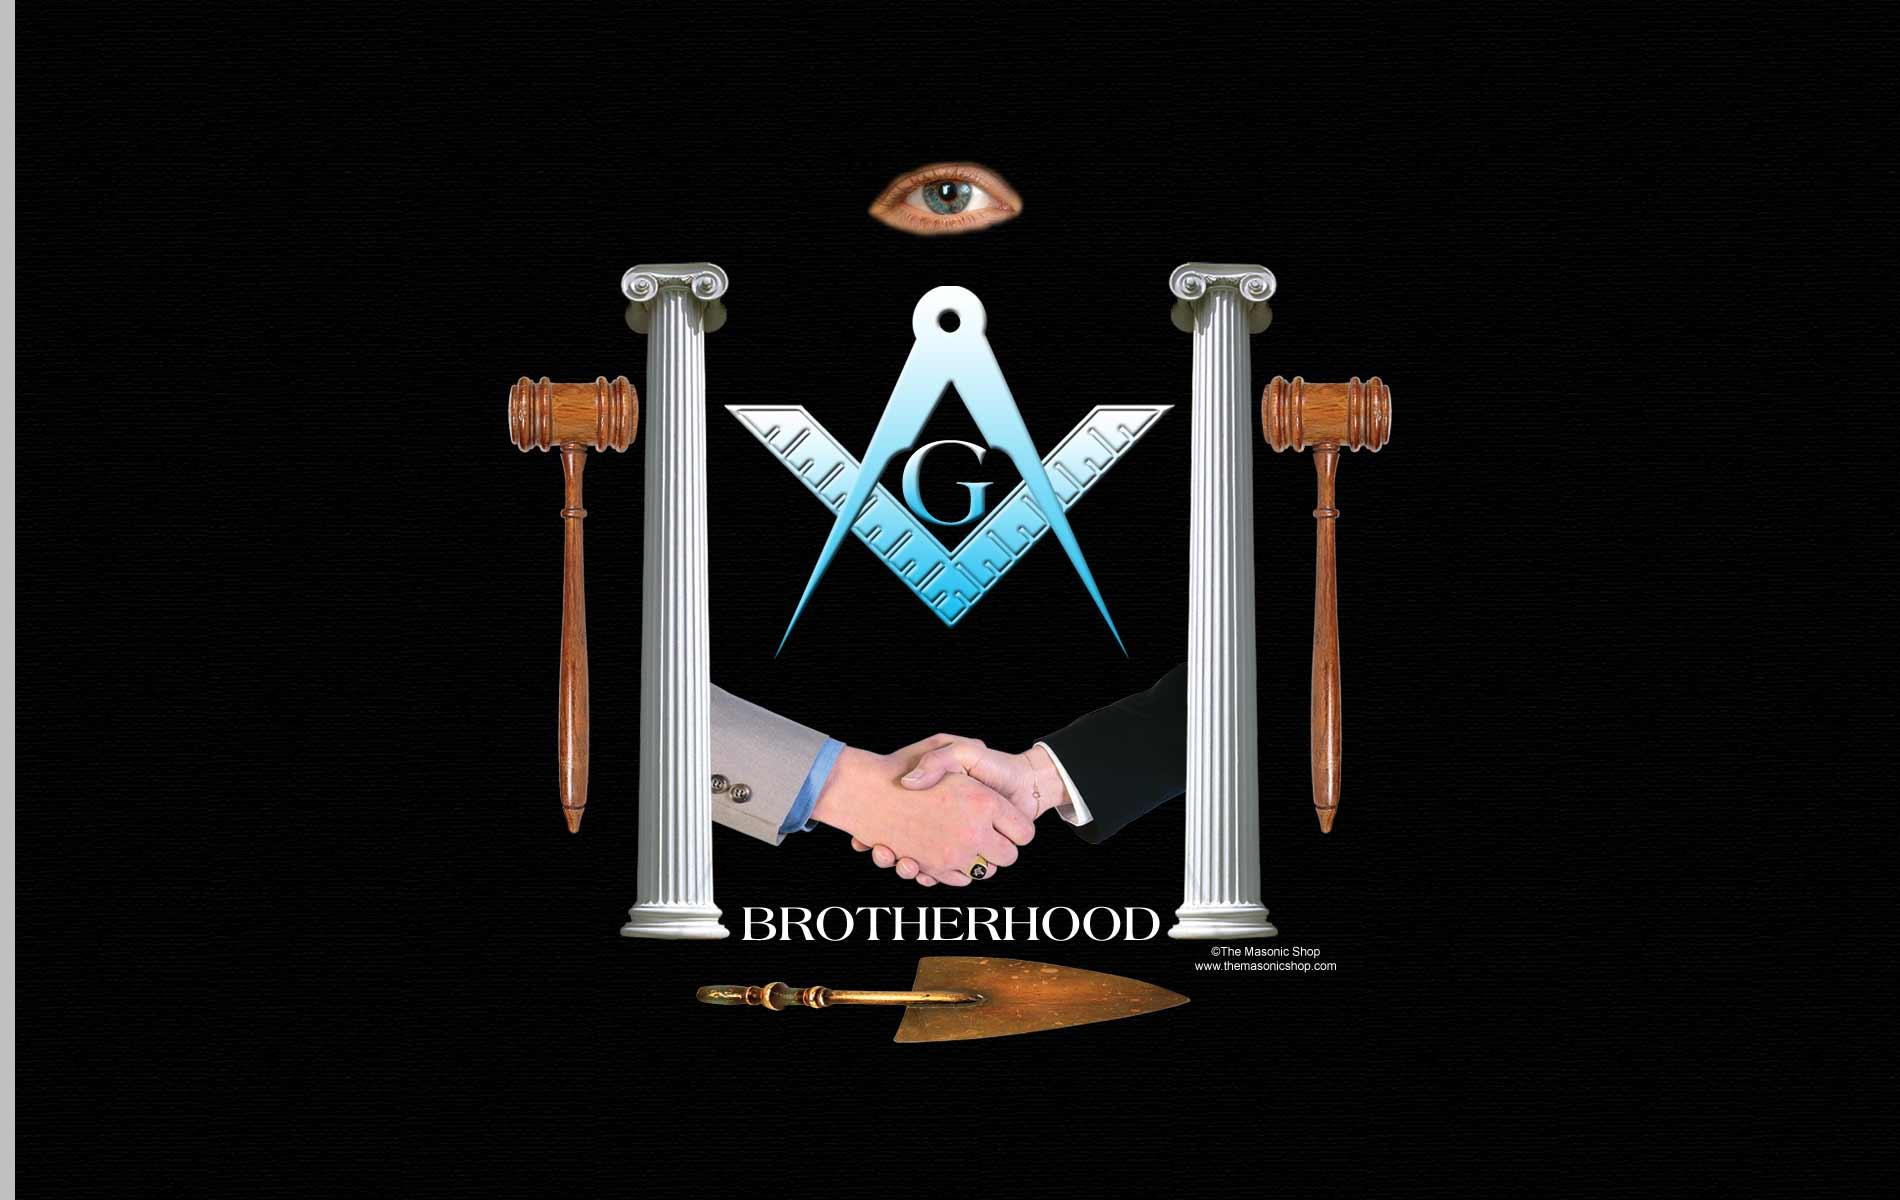 Freemason Iphone Wallpaper Masonic Wallpaper Courtesy Of The Masonic Shop Page Six